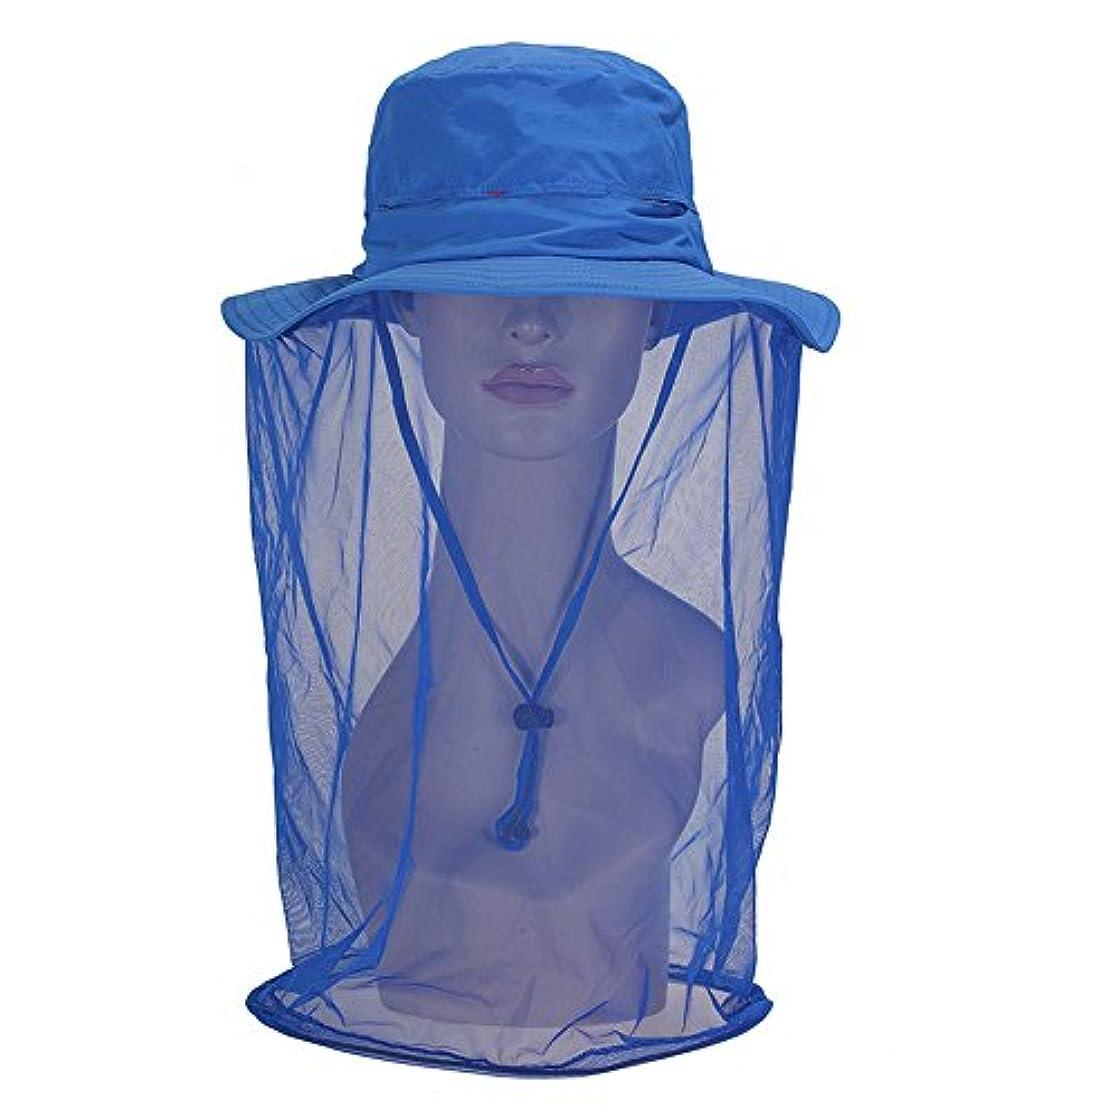 放射能疲れたお互いEzyoutdoorユニセックス迷彩アウトドア取り外し可能anti-mosquitoポリエステル紫外線対策フラップキャップ釣り帽子ヘッド面が360度首保護のネットメッシュハイキング狩猟ボート釣りキャンプ